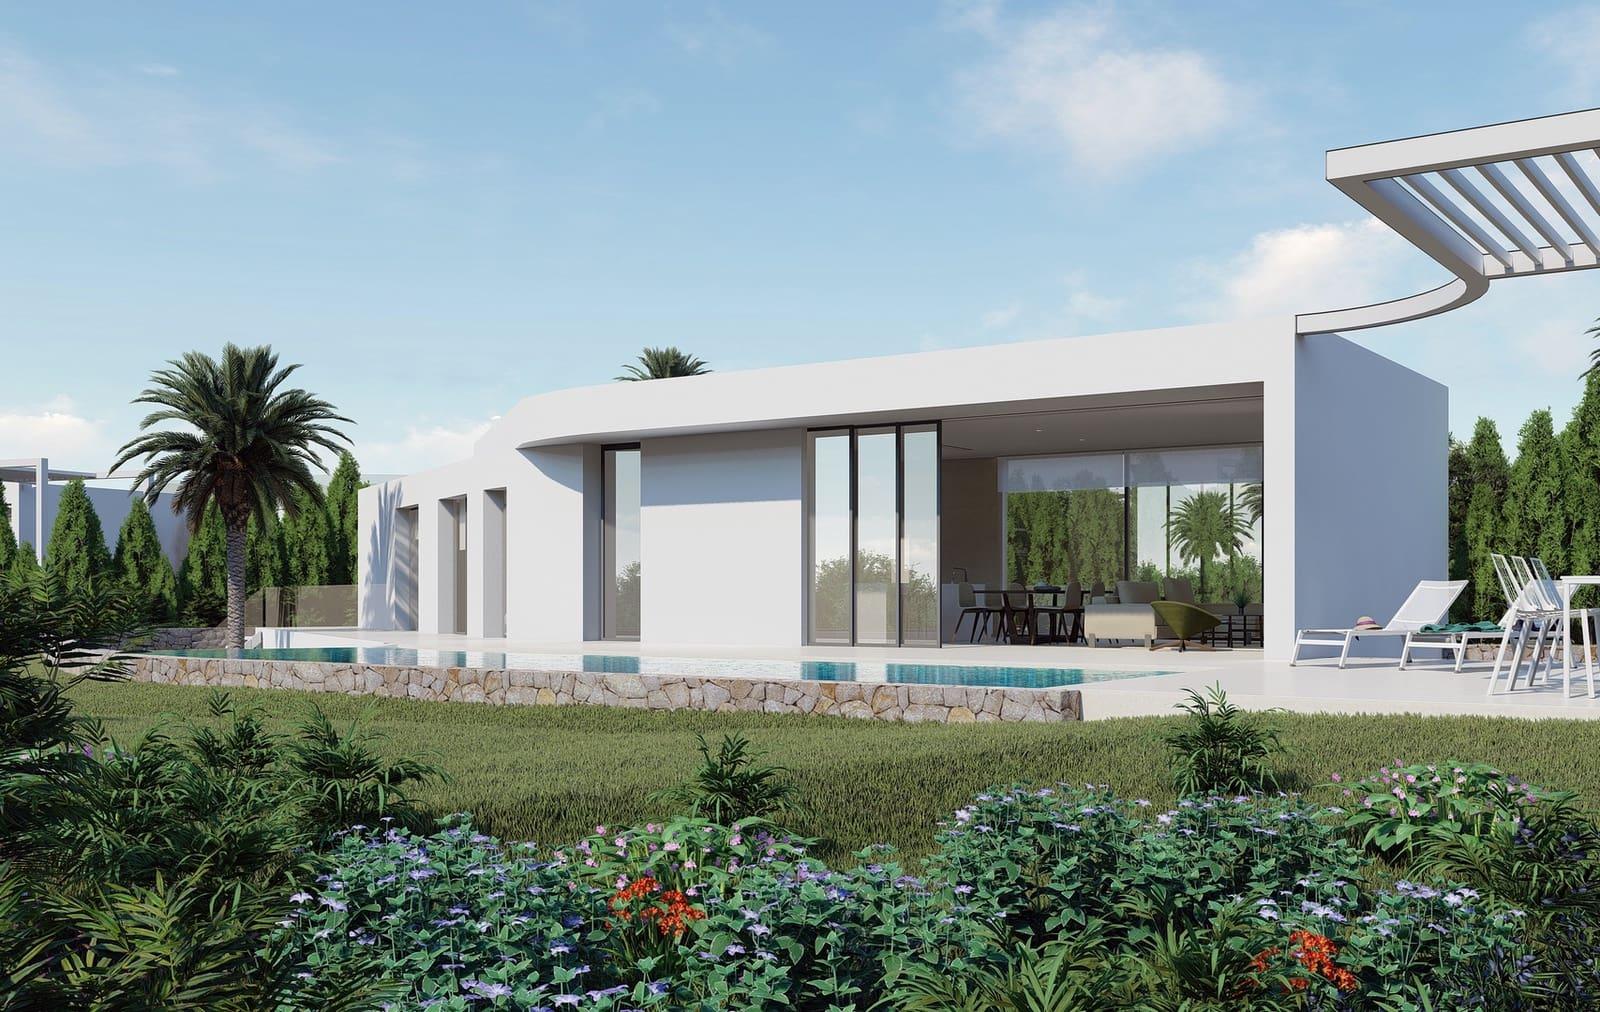 Chalet de 4 habitaciones en Las Colinas Golf en venta con piscina garaje - 945.000 € (Ref: 5086796)